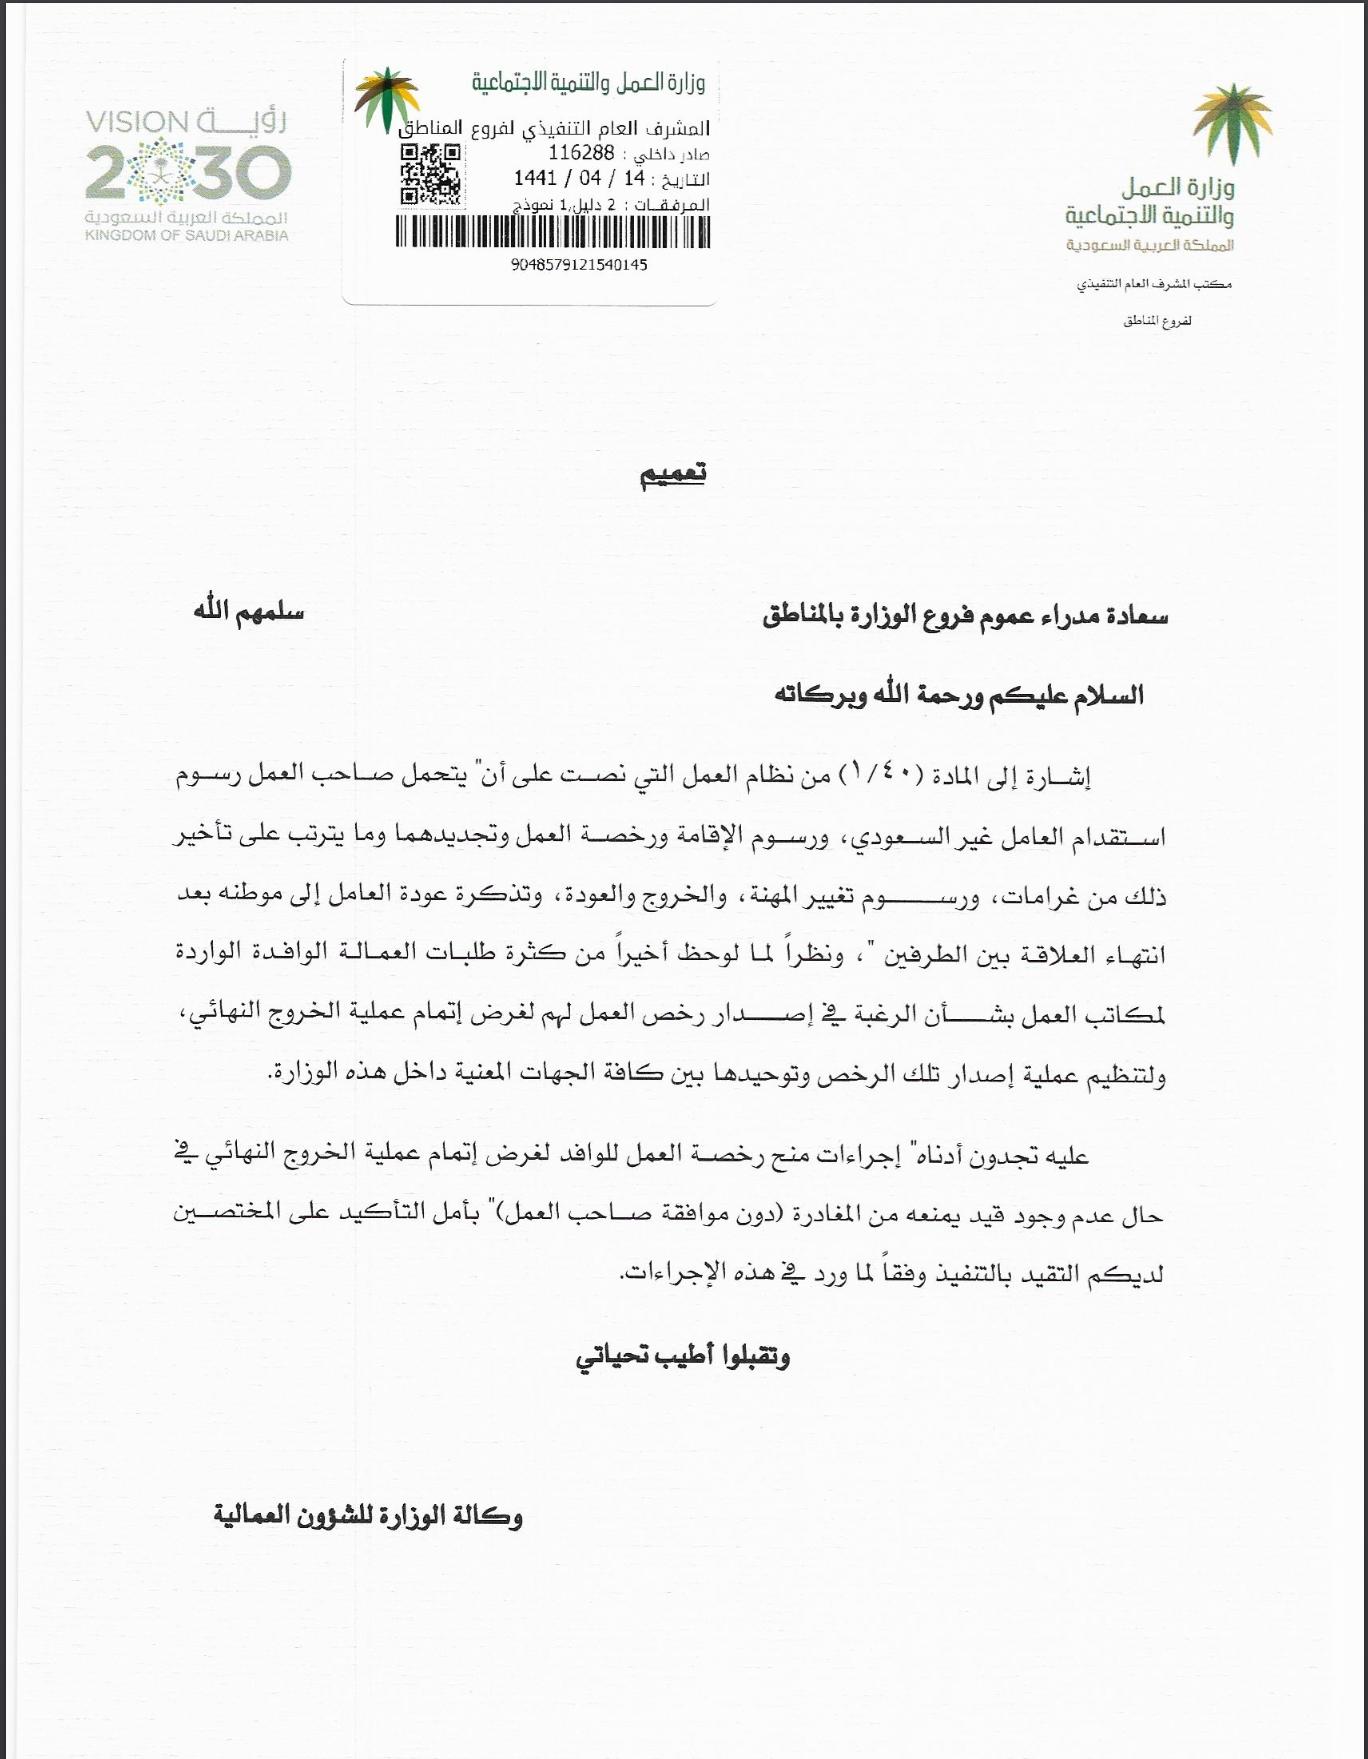 تعميم من وزارة العمل والتنمية الاجتماعية للخروج النهائي للعمالة الوافدة Private Sector Person